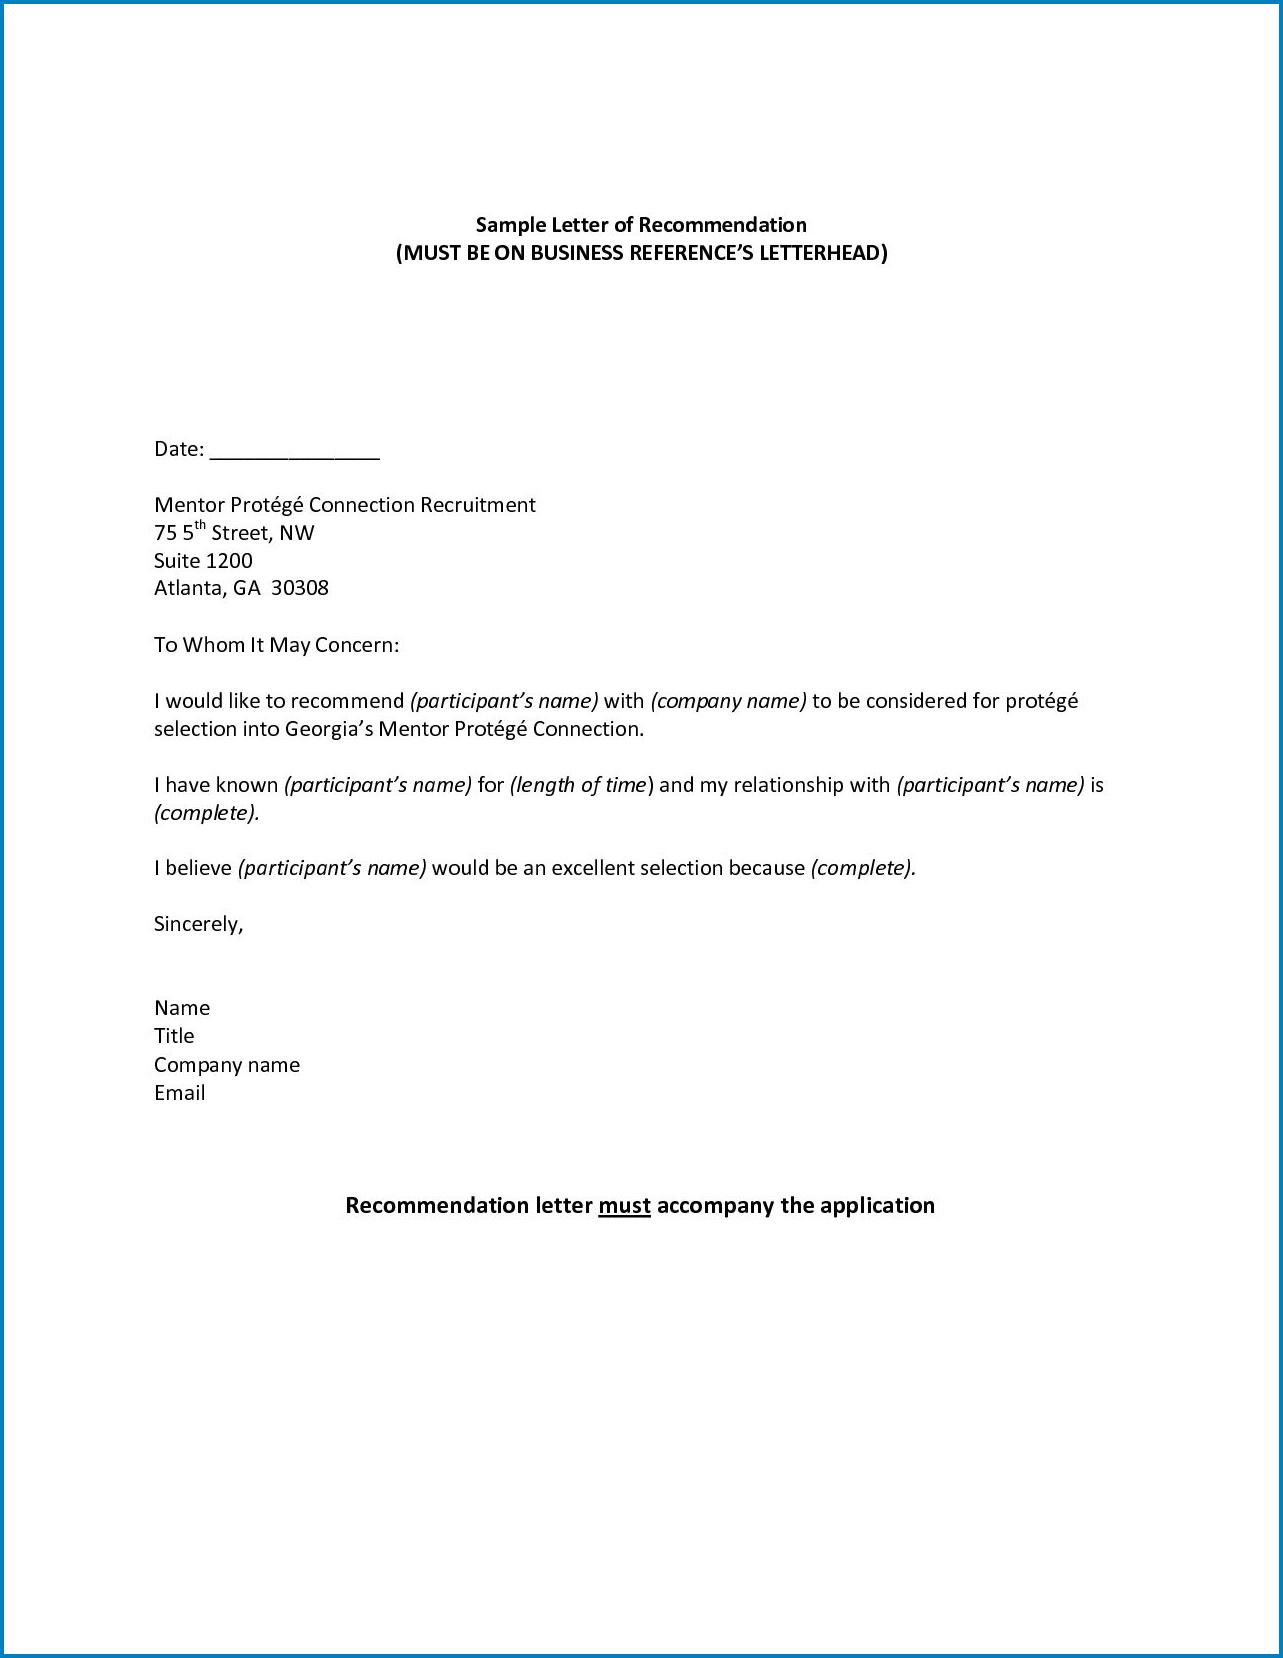 Sample of Letterhead For Letter Of Recommendation